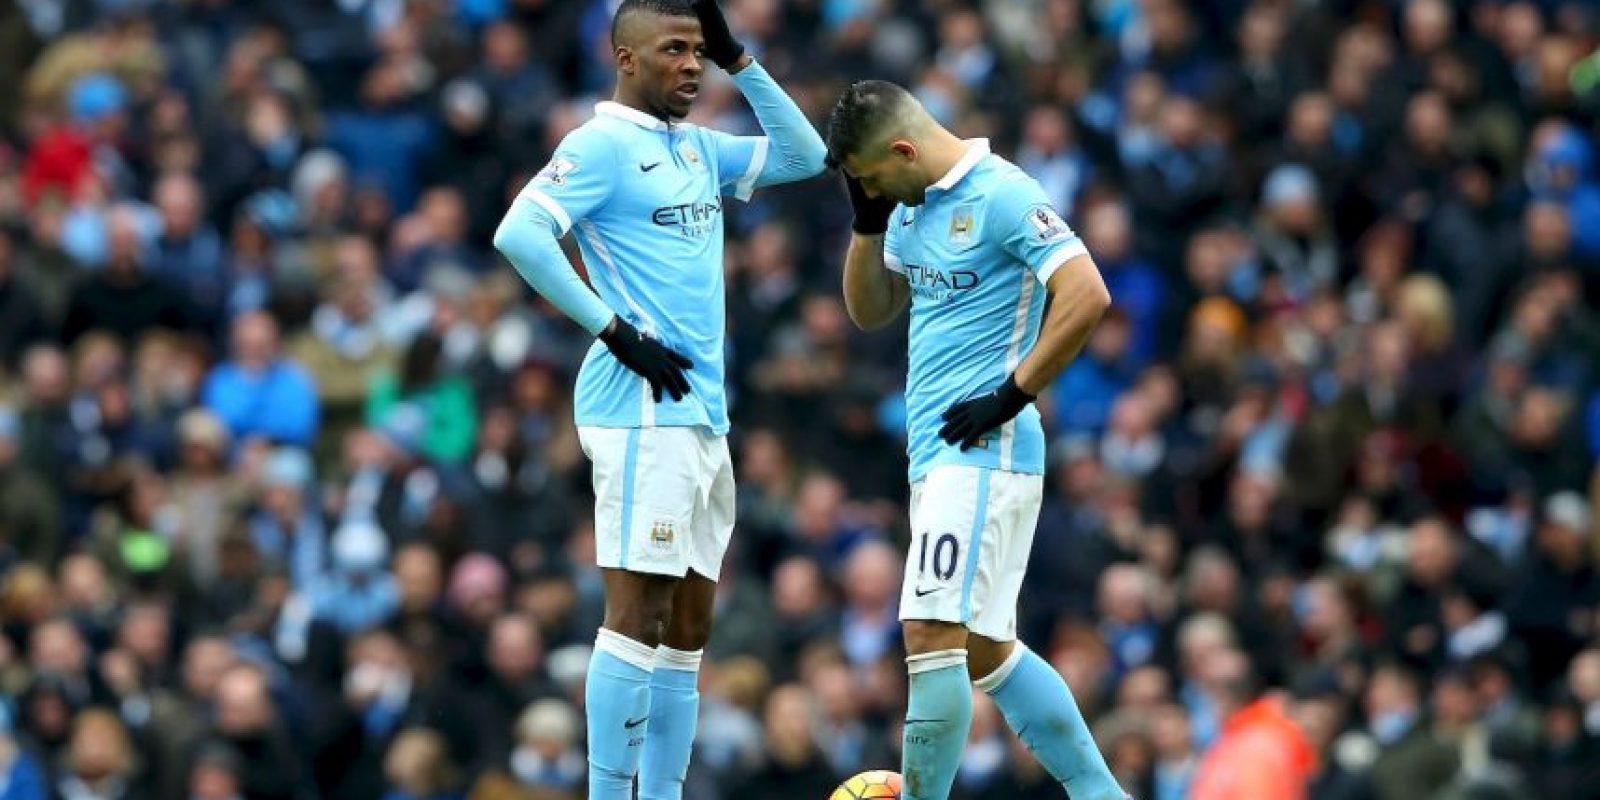 Aunque a su equipo no le fue nada bien. Foto:Getty Images